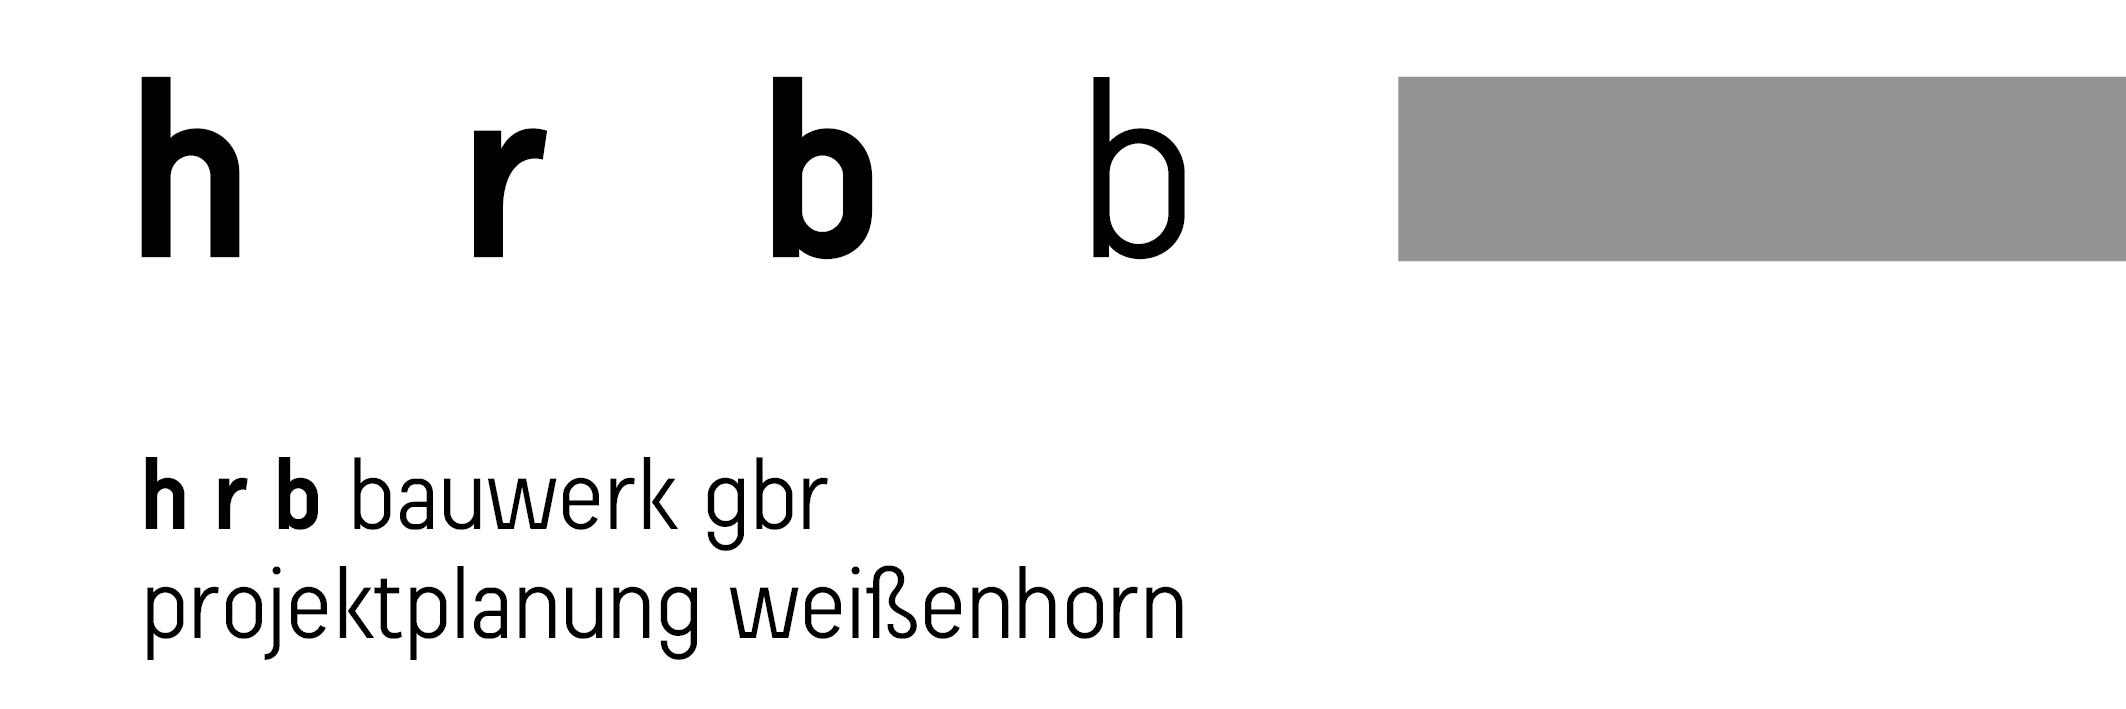 Logo hrbb mit Balken